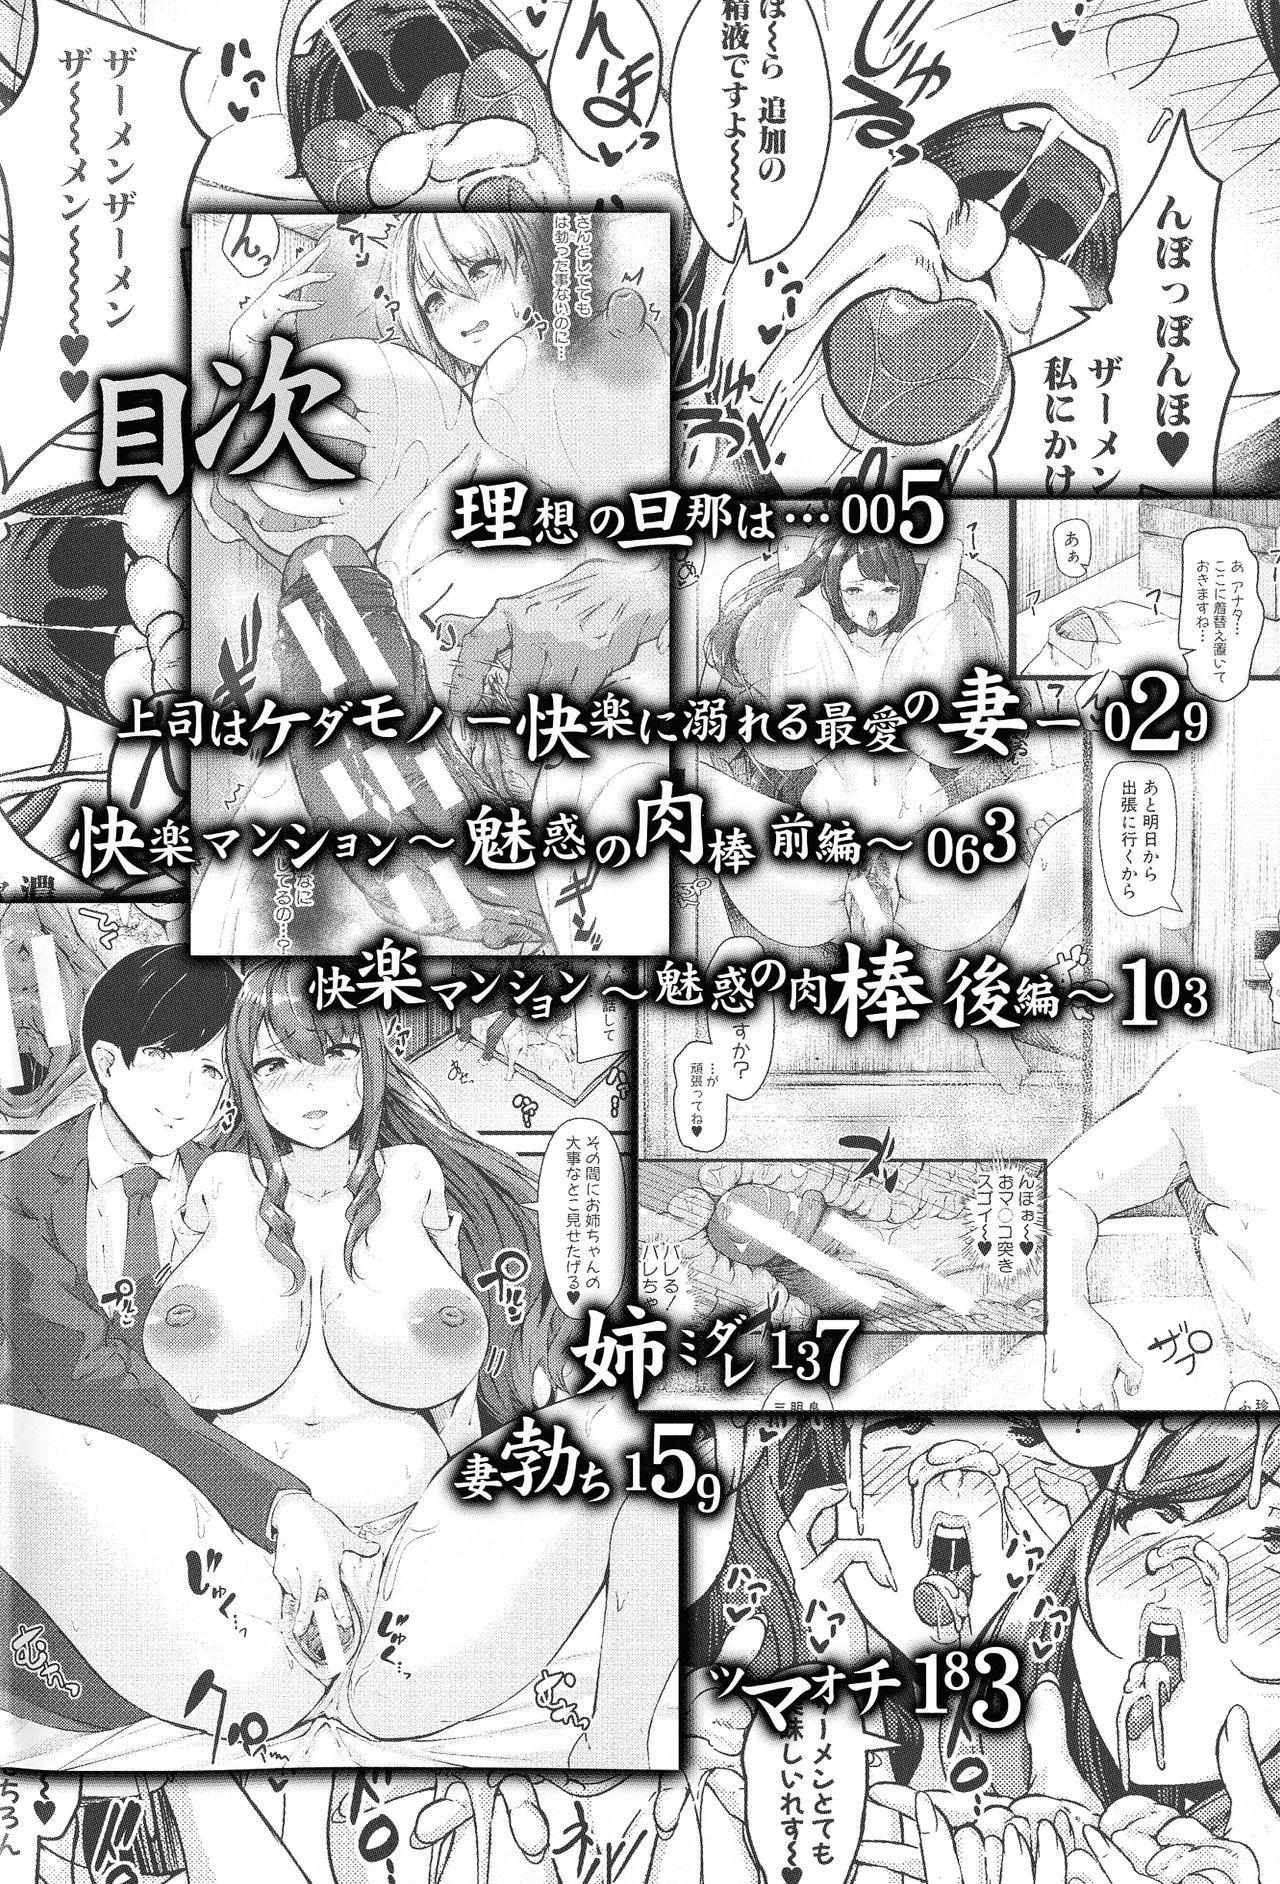 100% Maketa Watashi no Ana - Guchogucho ni Okashitekuru Aitsu no Kyokon 3